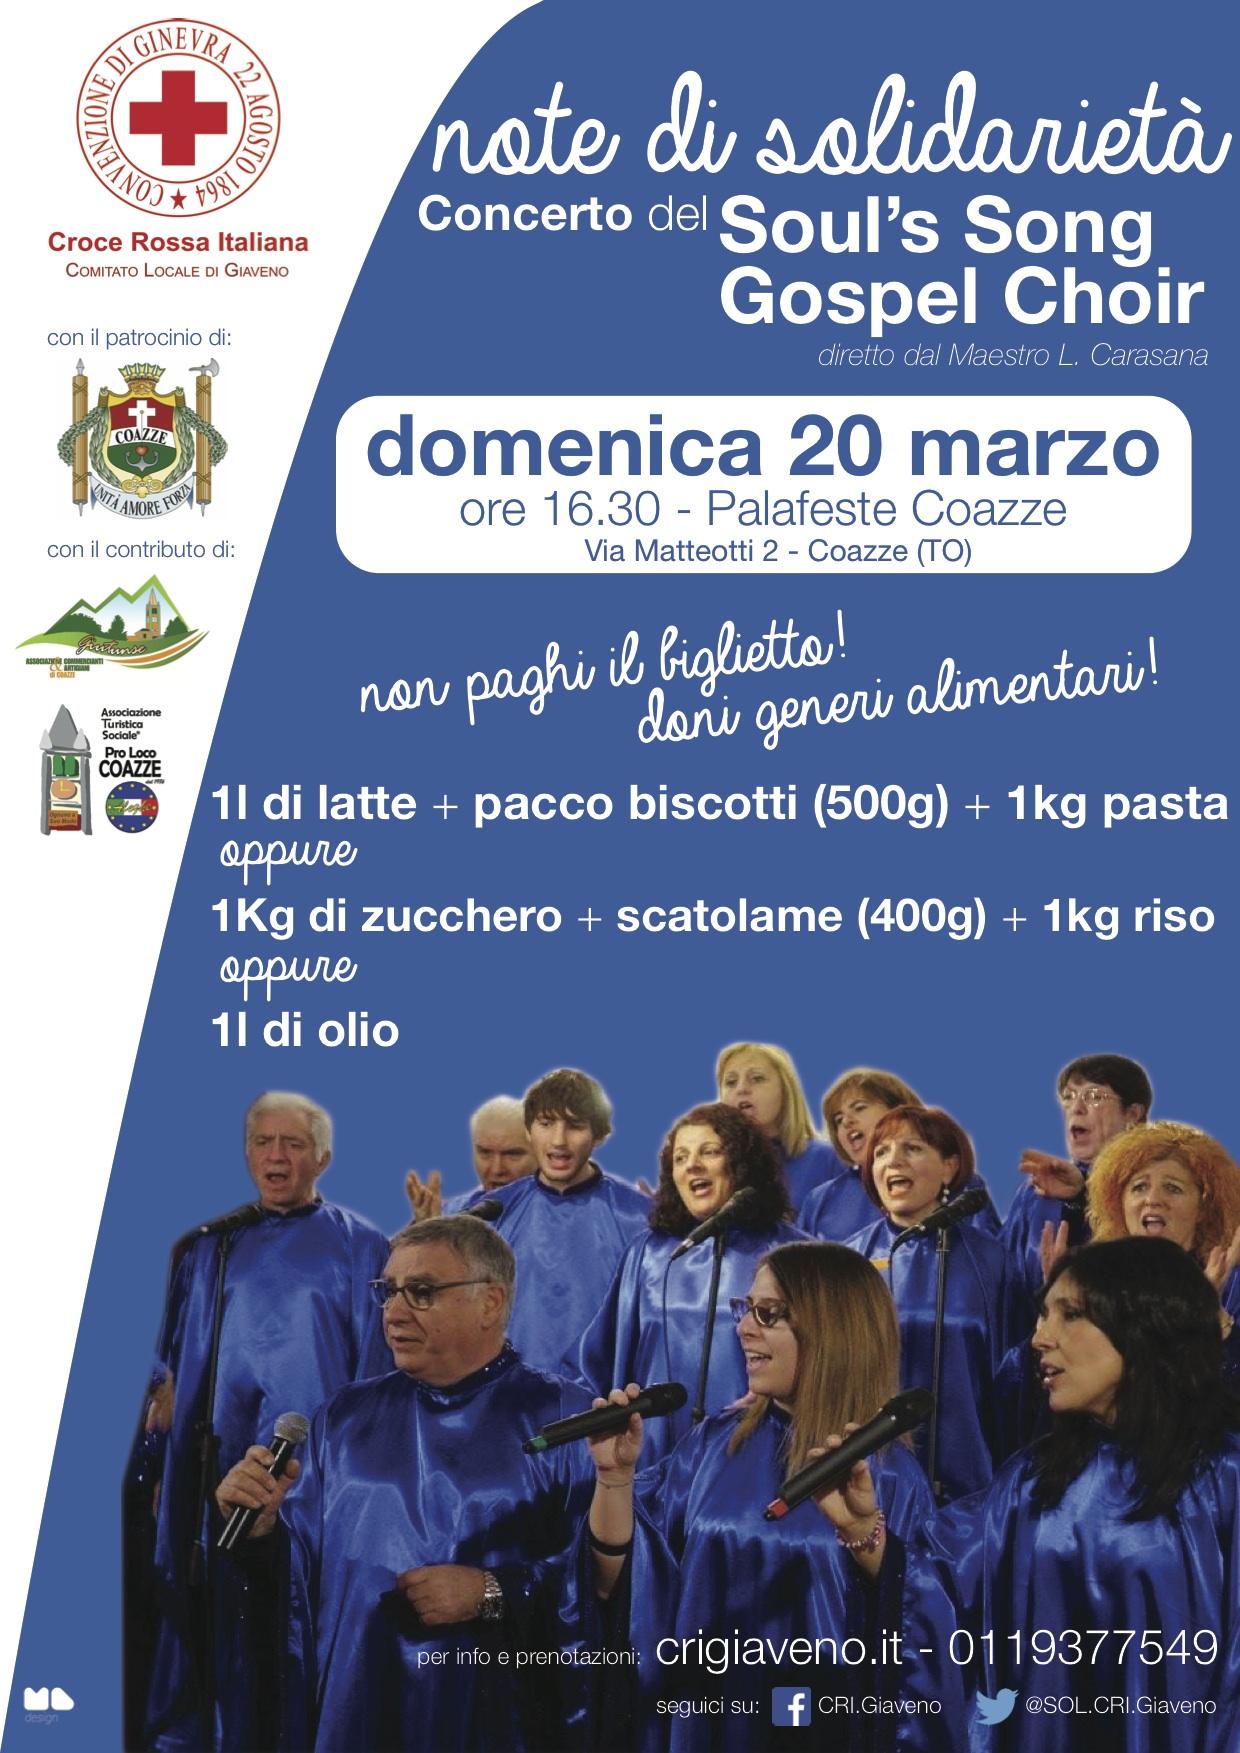 Concerto di solidarietà della Croce Rossa – domenica 20 marzo – palafeste Coazze